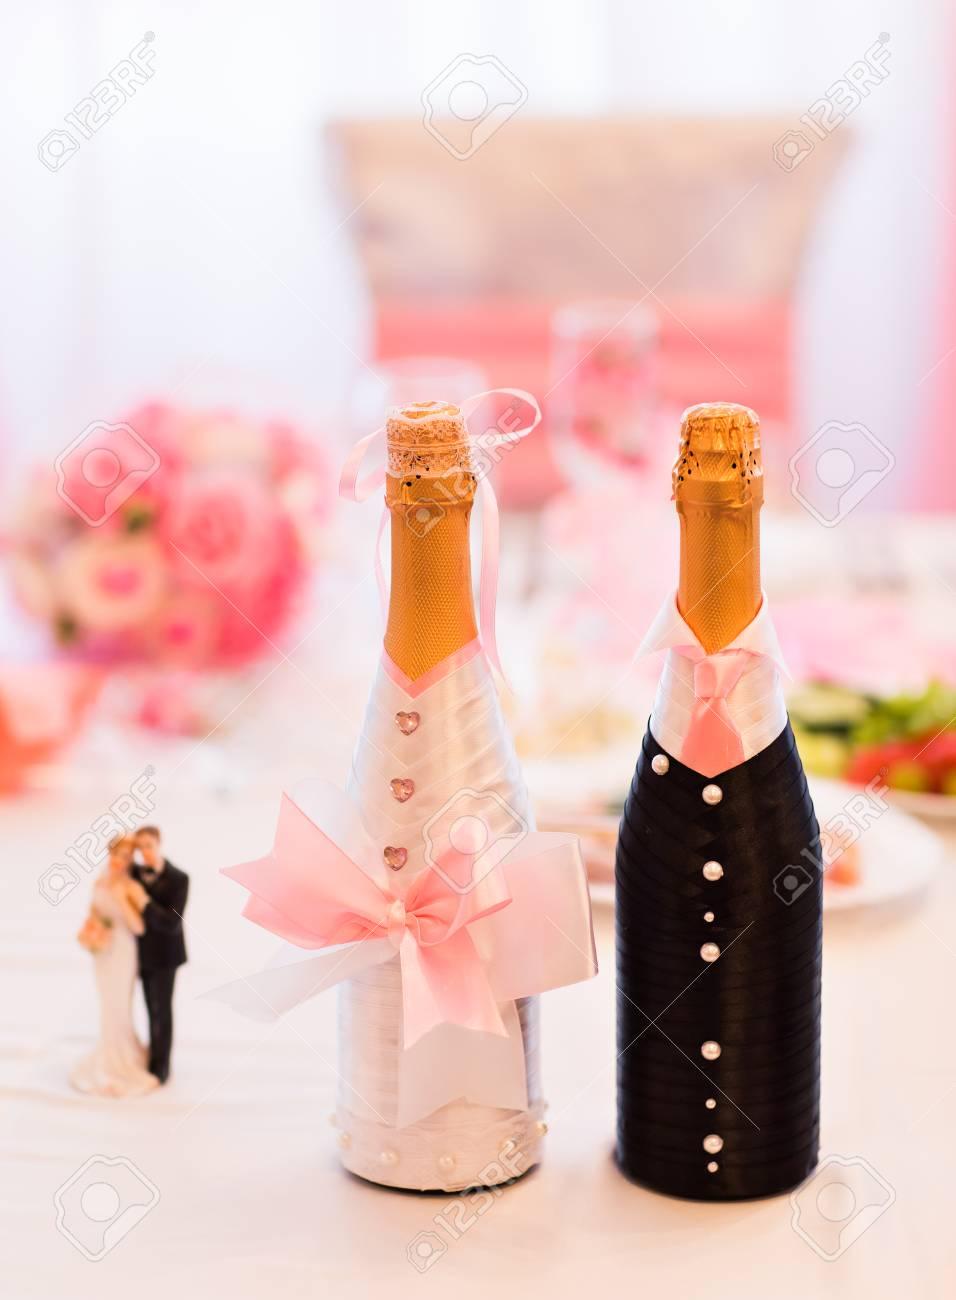 Bouteilles De Champagne Décoration Pour Le Jour Du Mariage